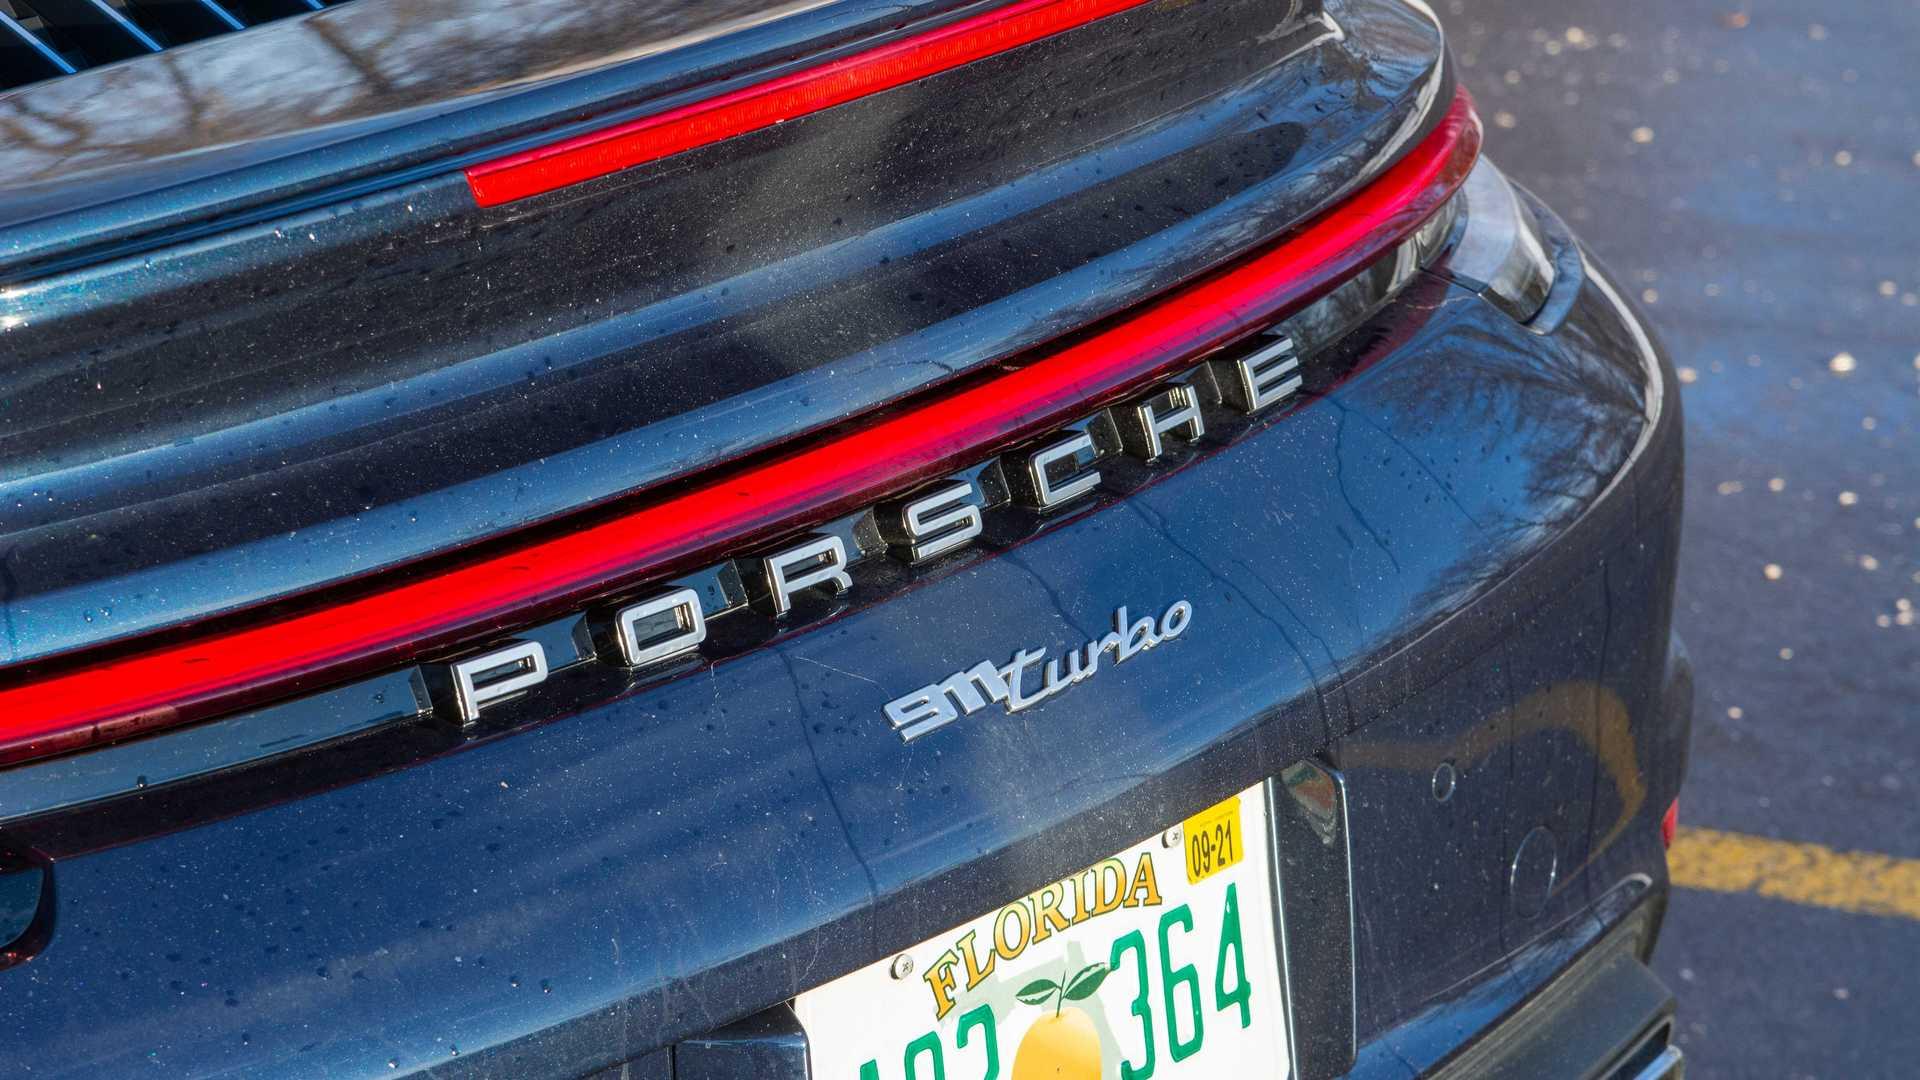 2021 porsche 911 turbo badge